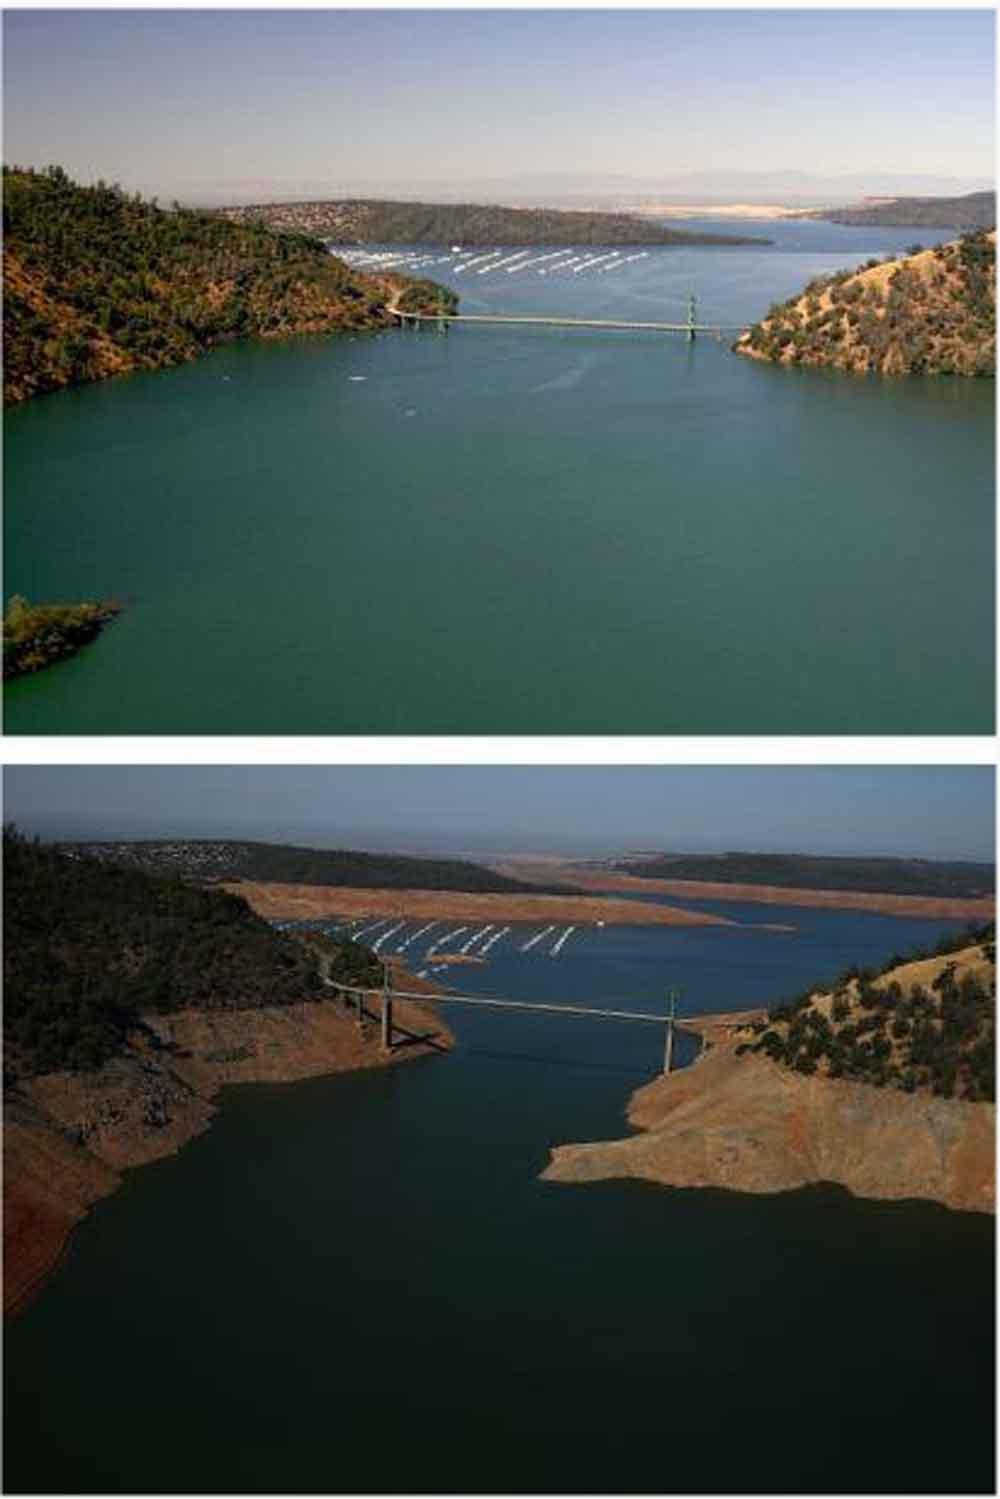 lago-california-